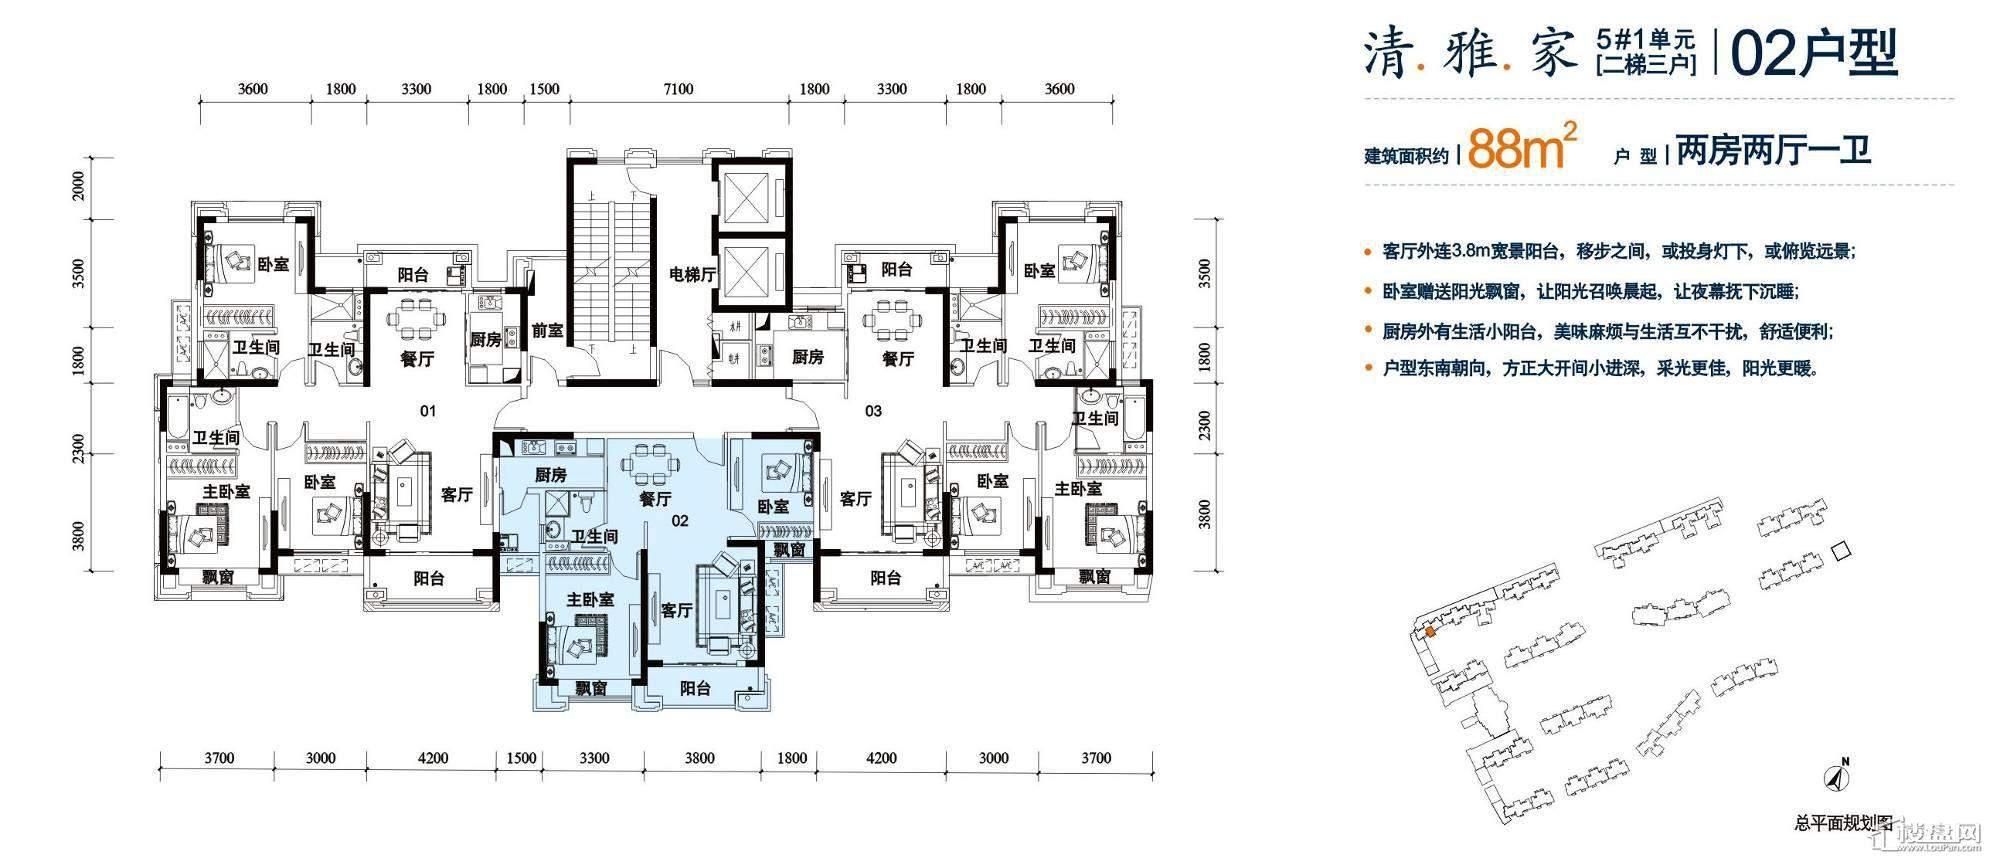 清雅家5# 1单元 02户型